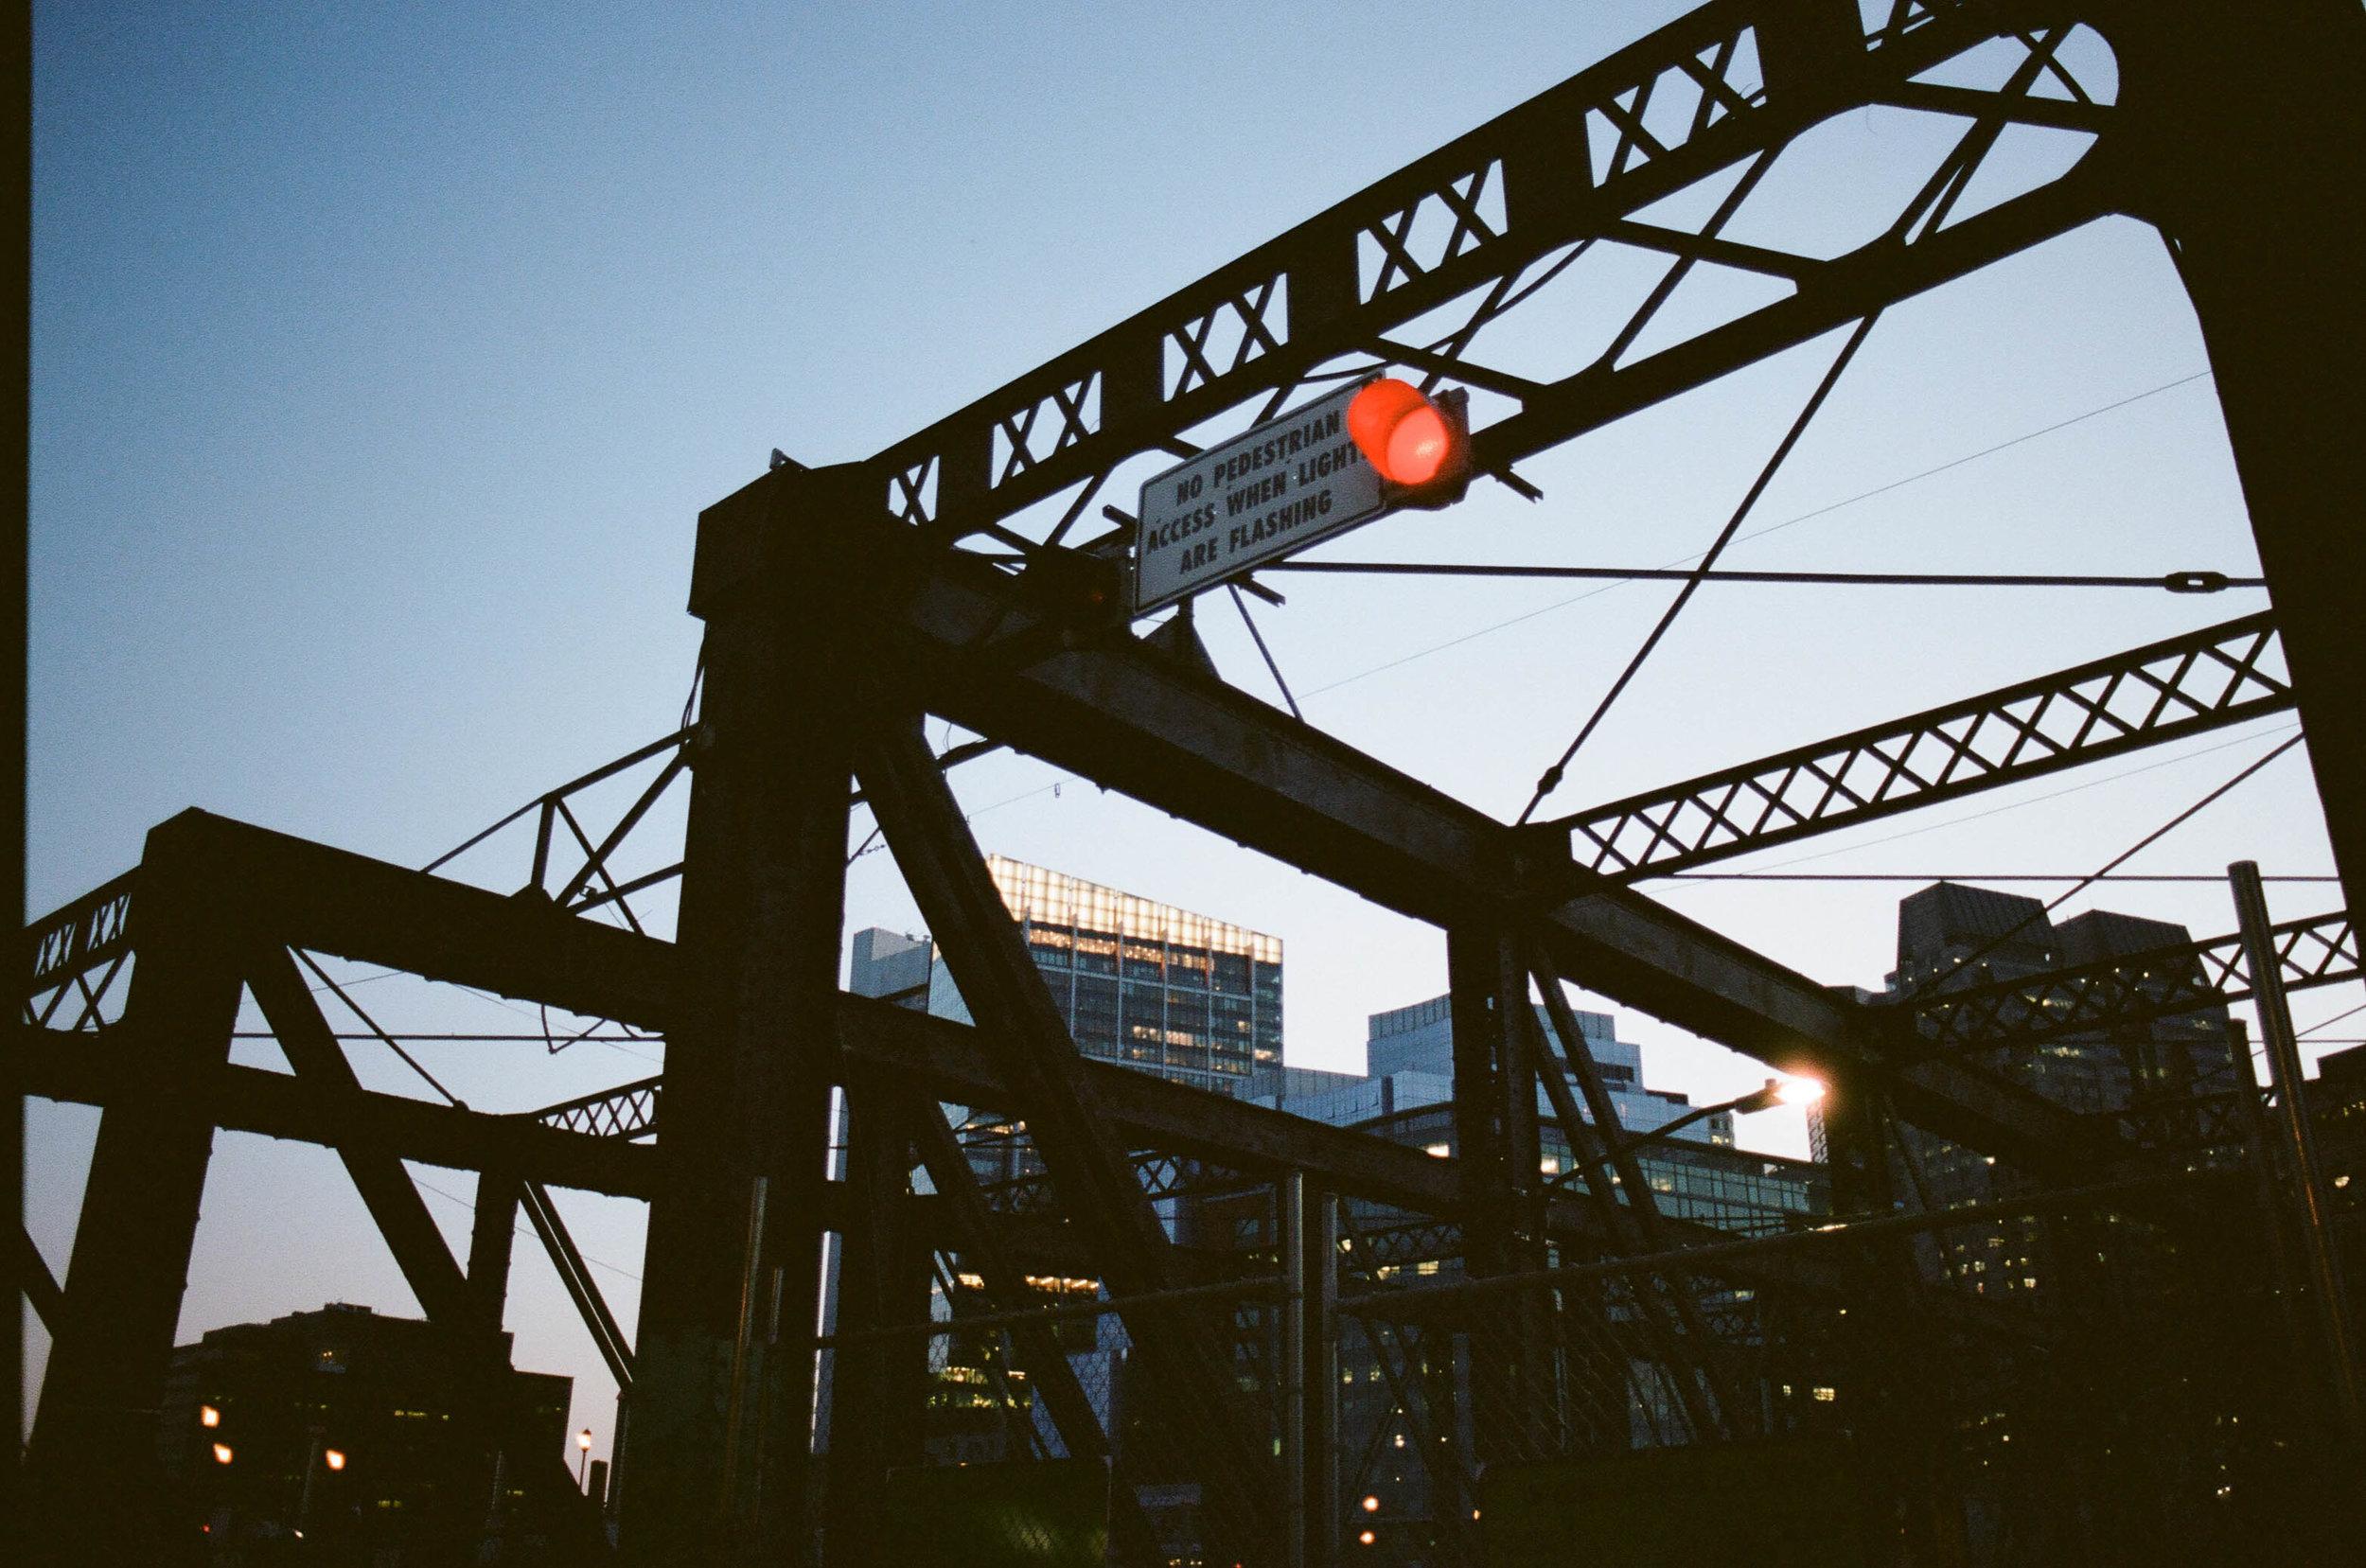 35mm Film - 00404 - Chris Goetchius 2017.jpg